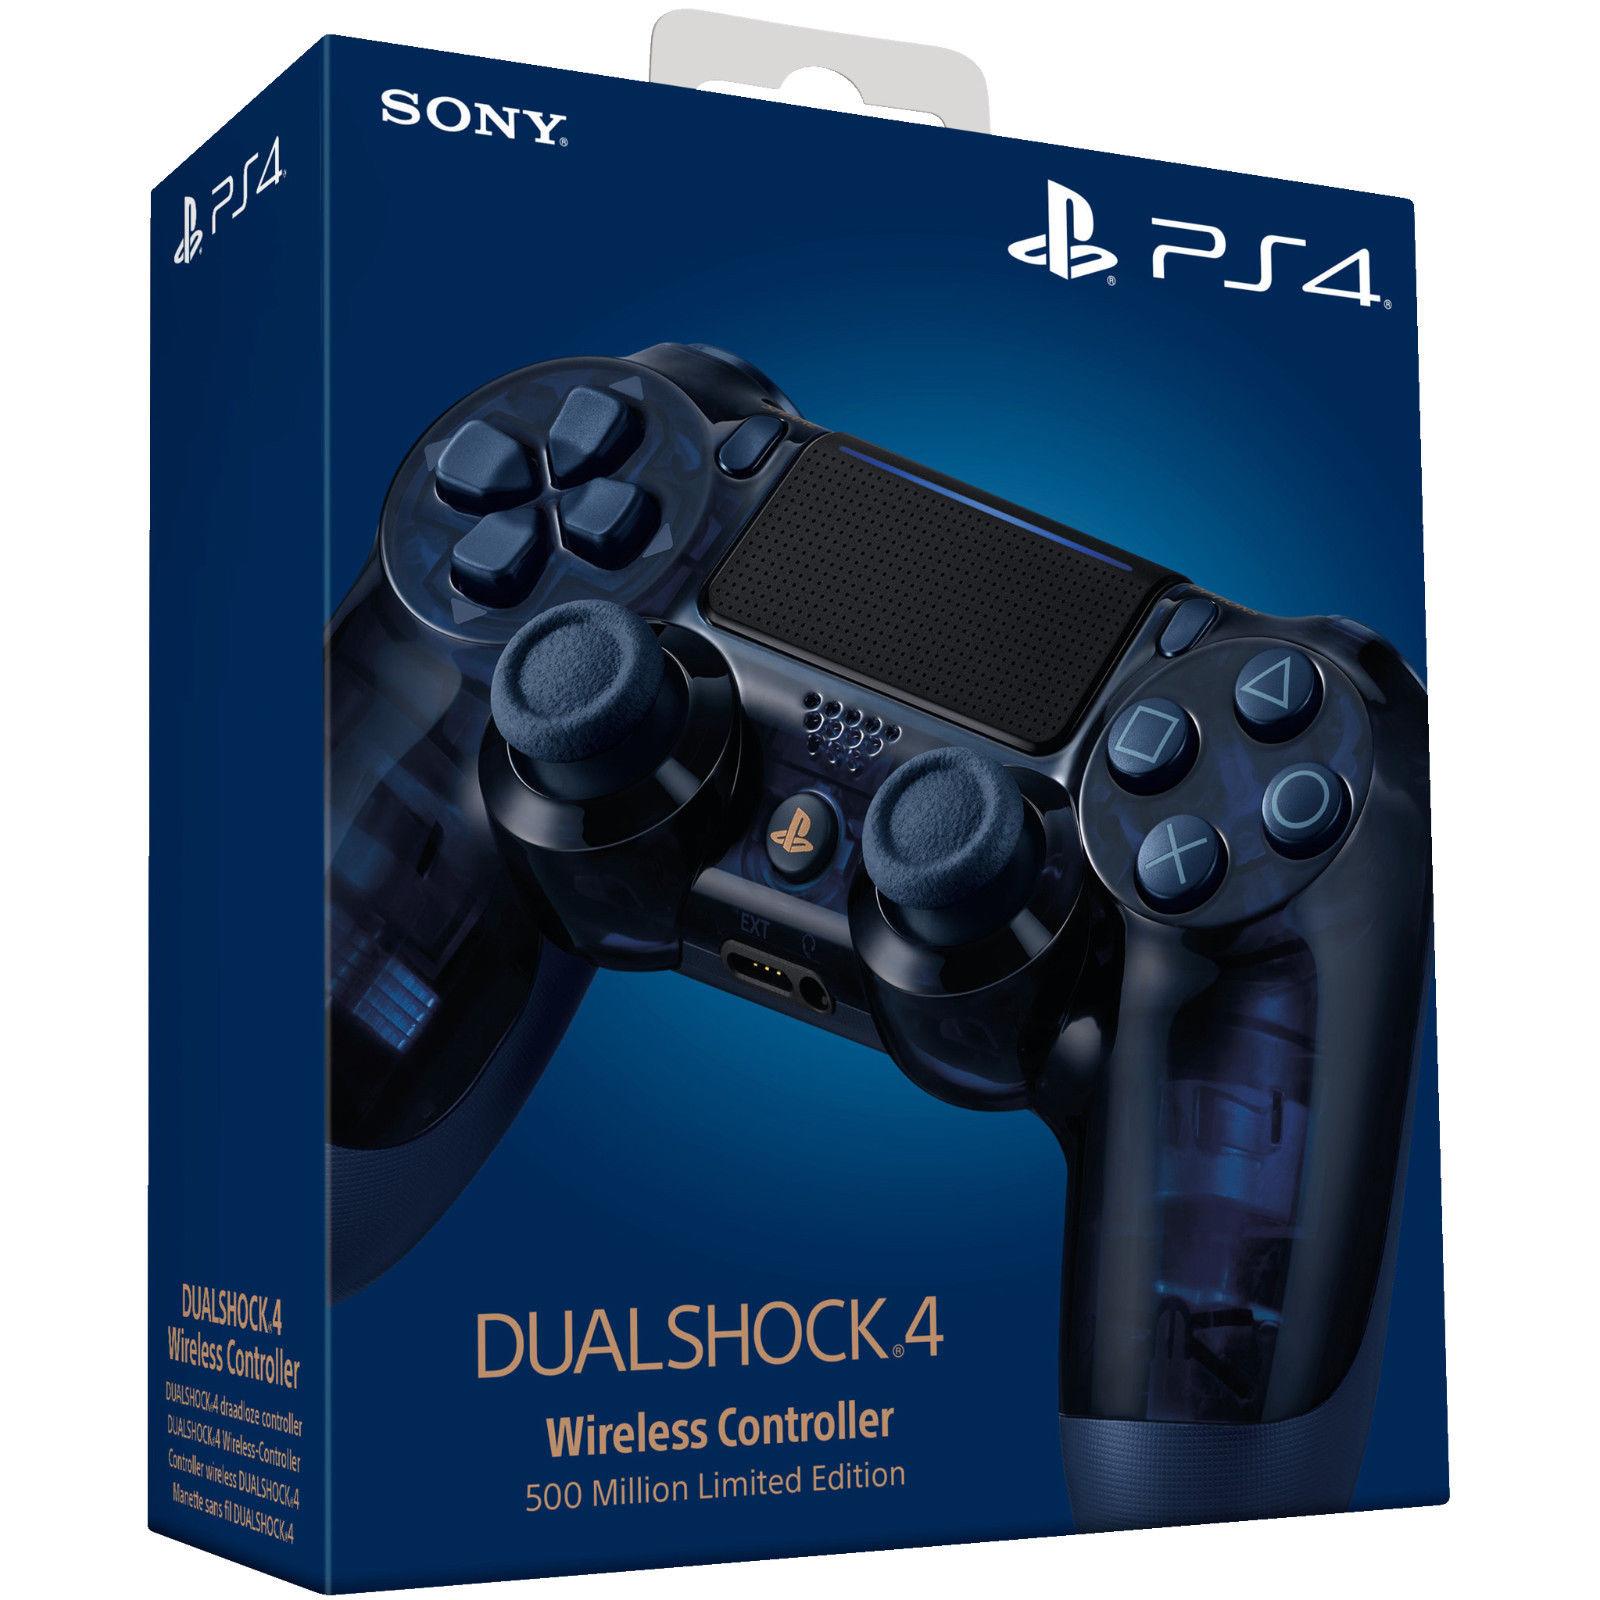 SONY PS4 Wireless Dualshock - 500 Million Limited Edition (Media Markt und Saturn) // alle anderen Farben ab 36,99€ (auch Otto)